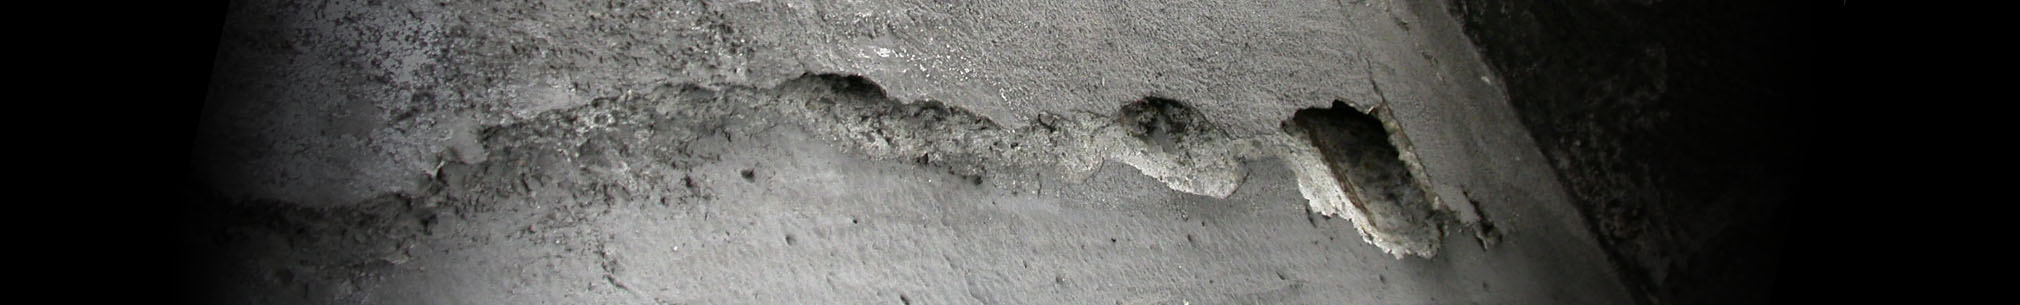 Kathodische bescherming bij betonreparatie